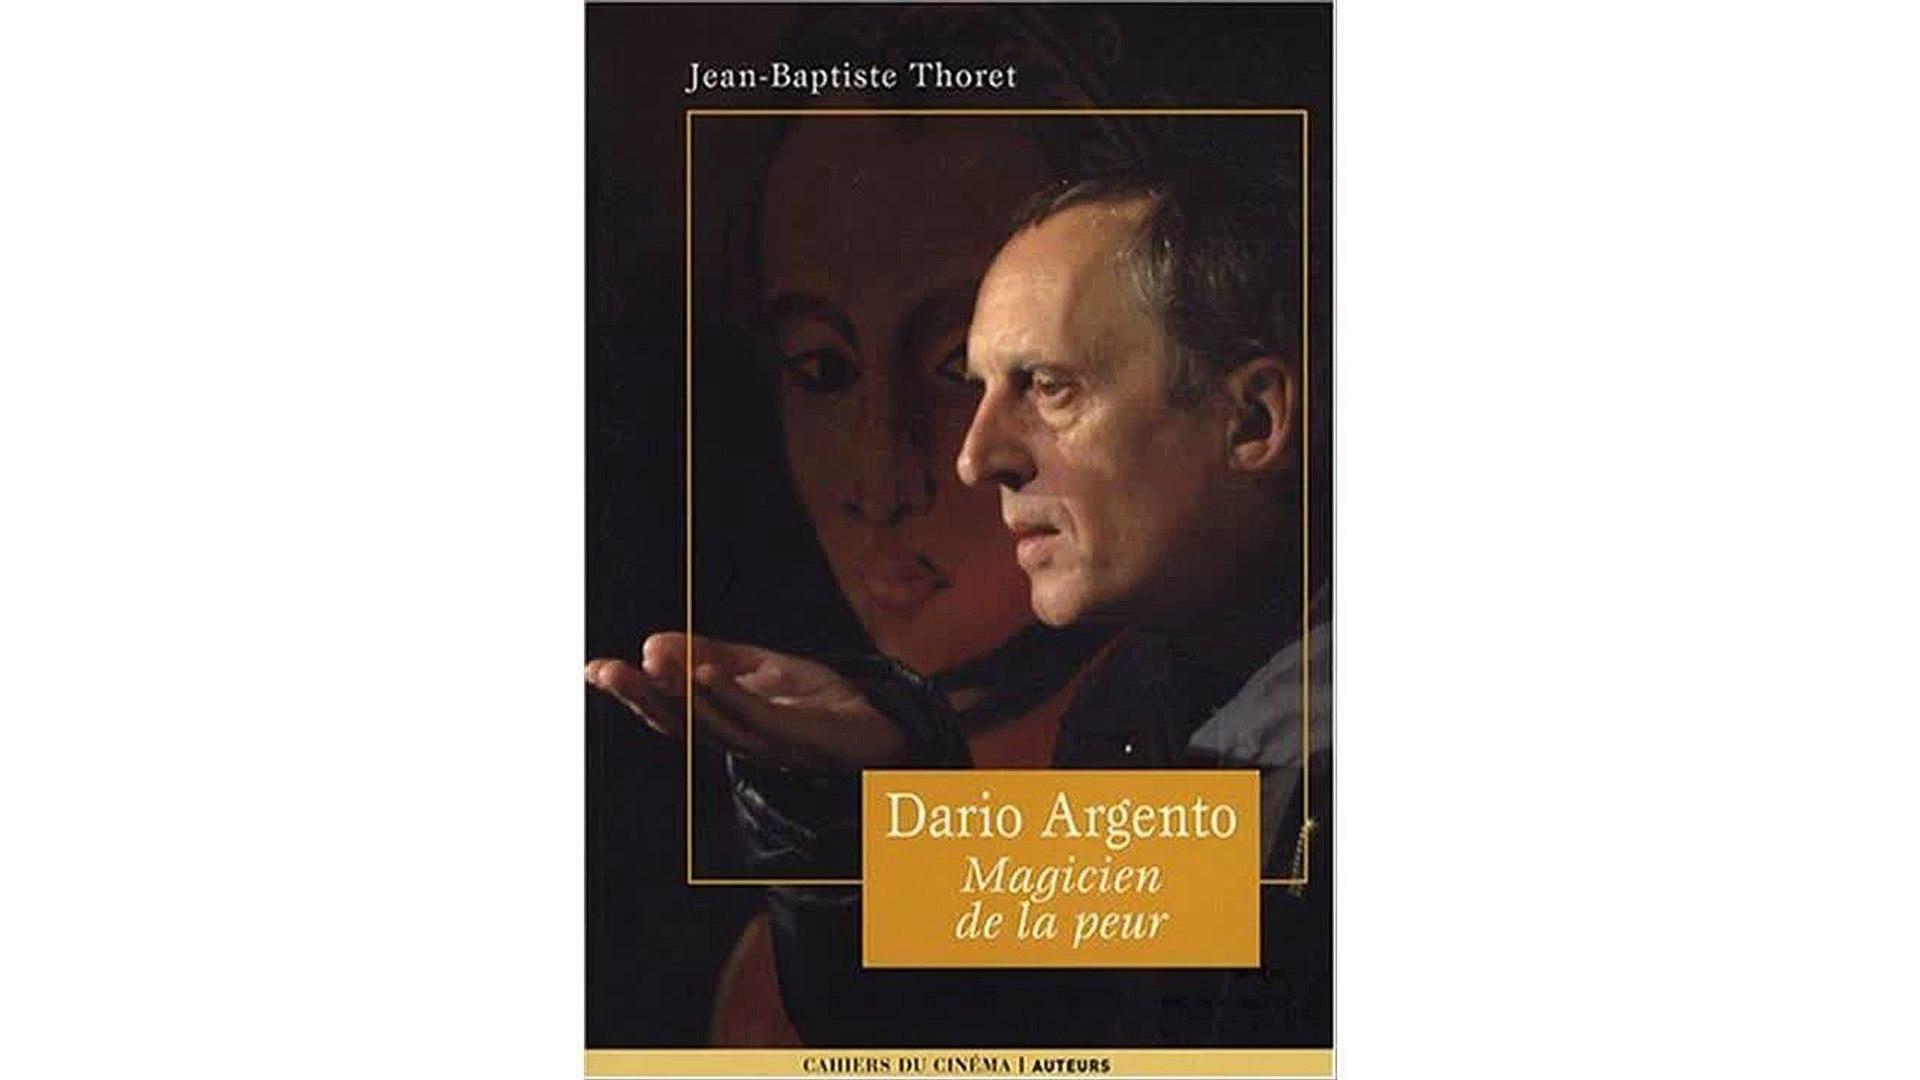 [Télécharger] DARIO ARGENTO. Magicien de la peur, Auteurs